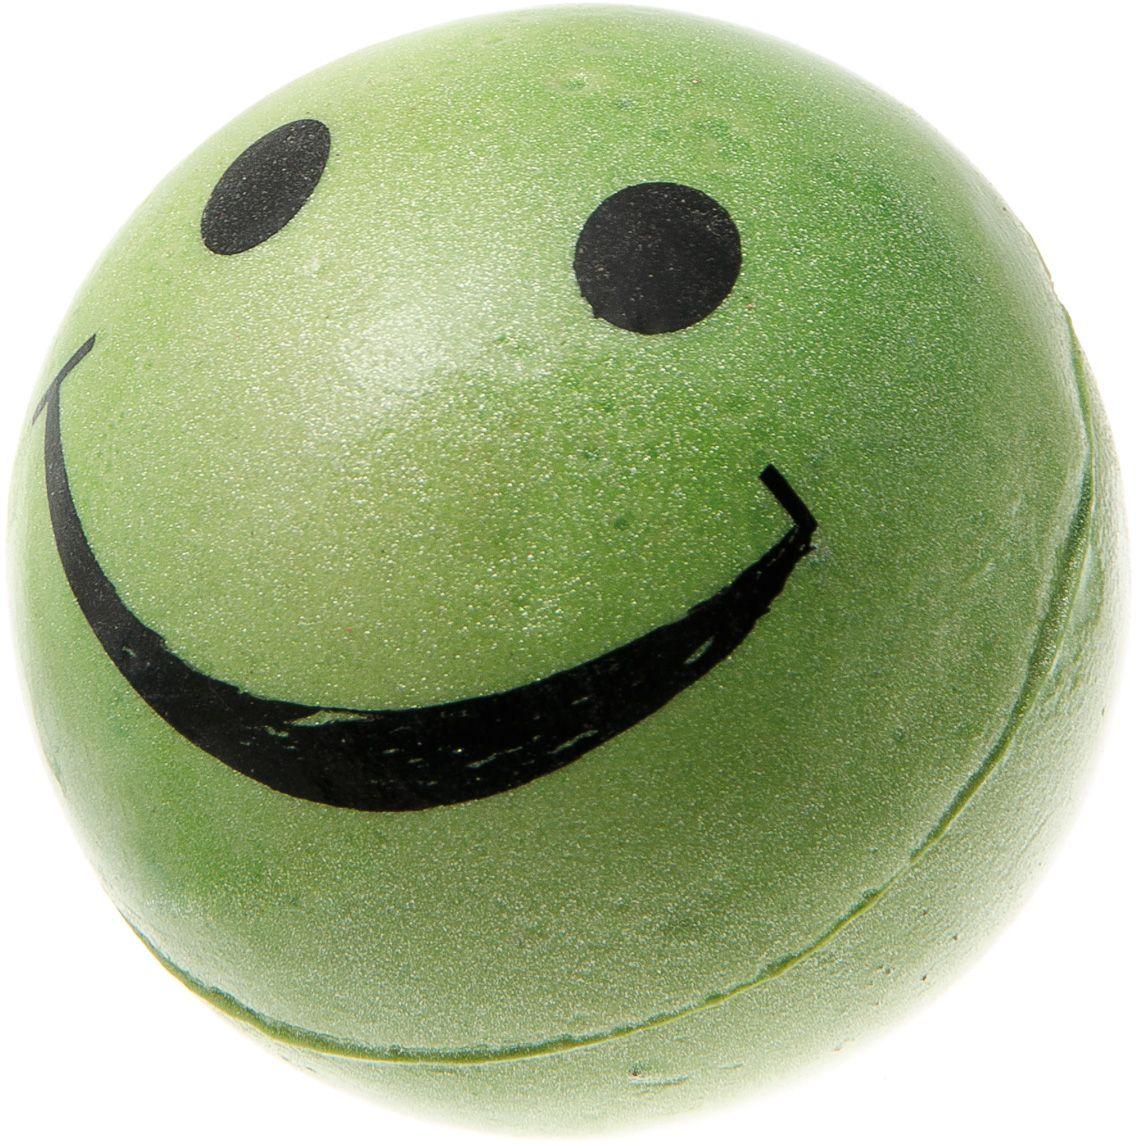 Мяч V.I.Pet Смайлик, цвет: зеленый, 63 мм. 20-111420-1114